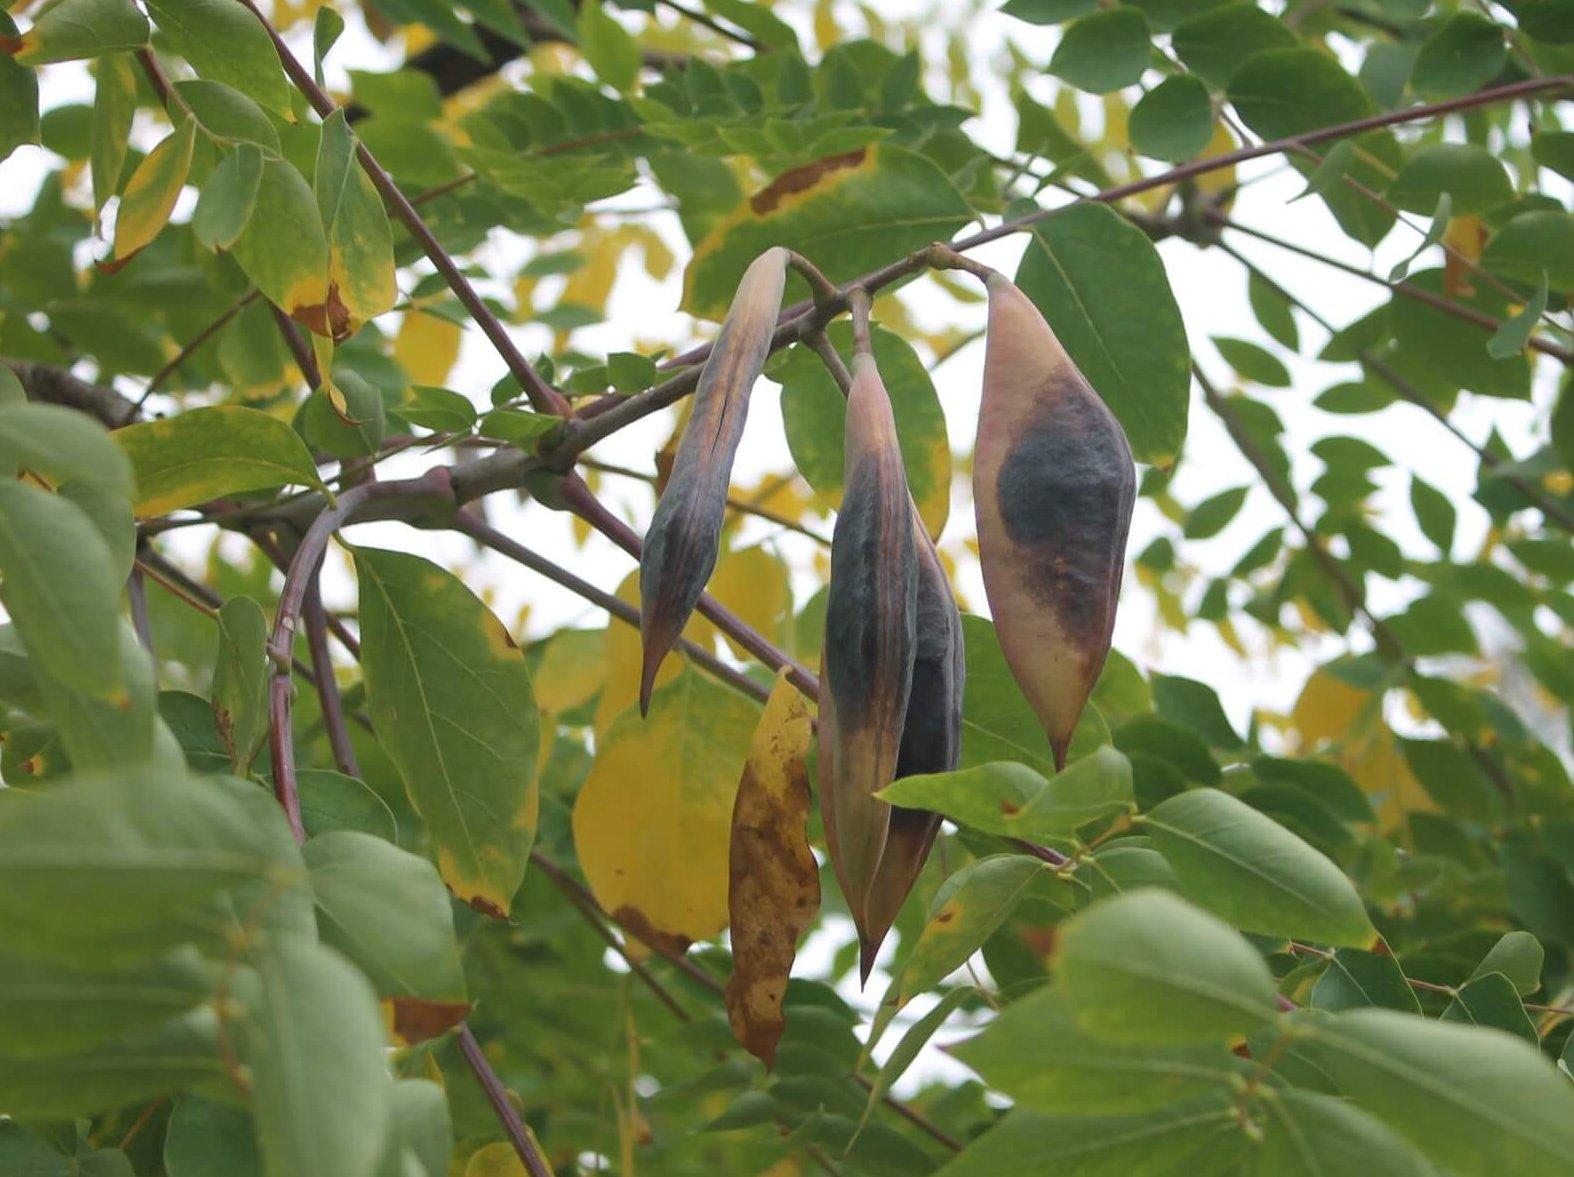 Das Bild zeigt die braunen, breiten Fruchthülsen eines Kentucky-Geweihbaumes im Kosmosviertel.